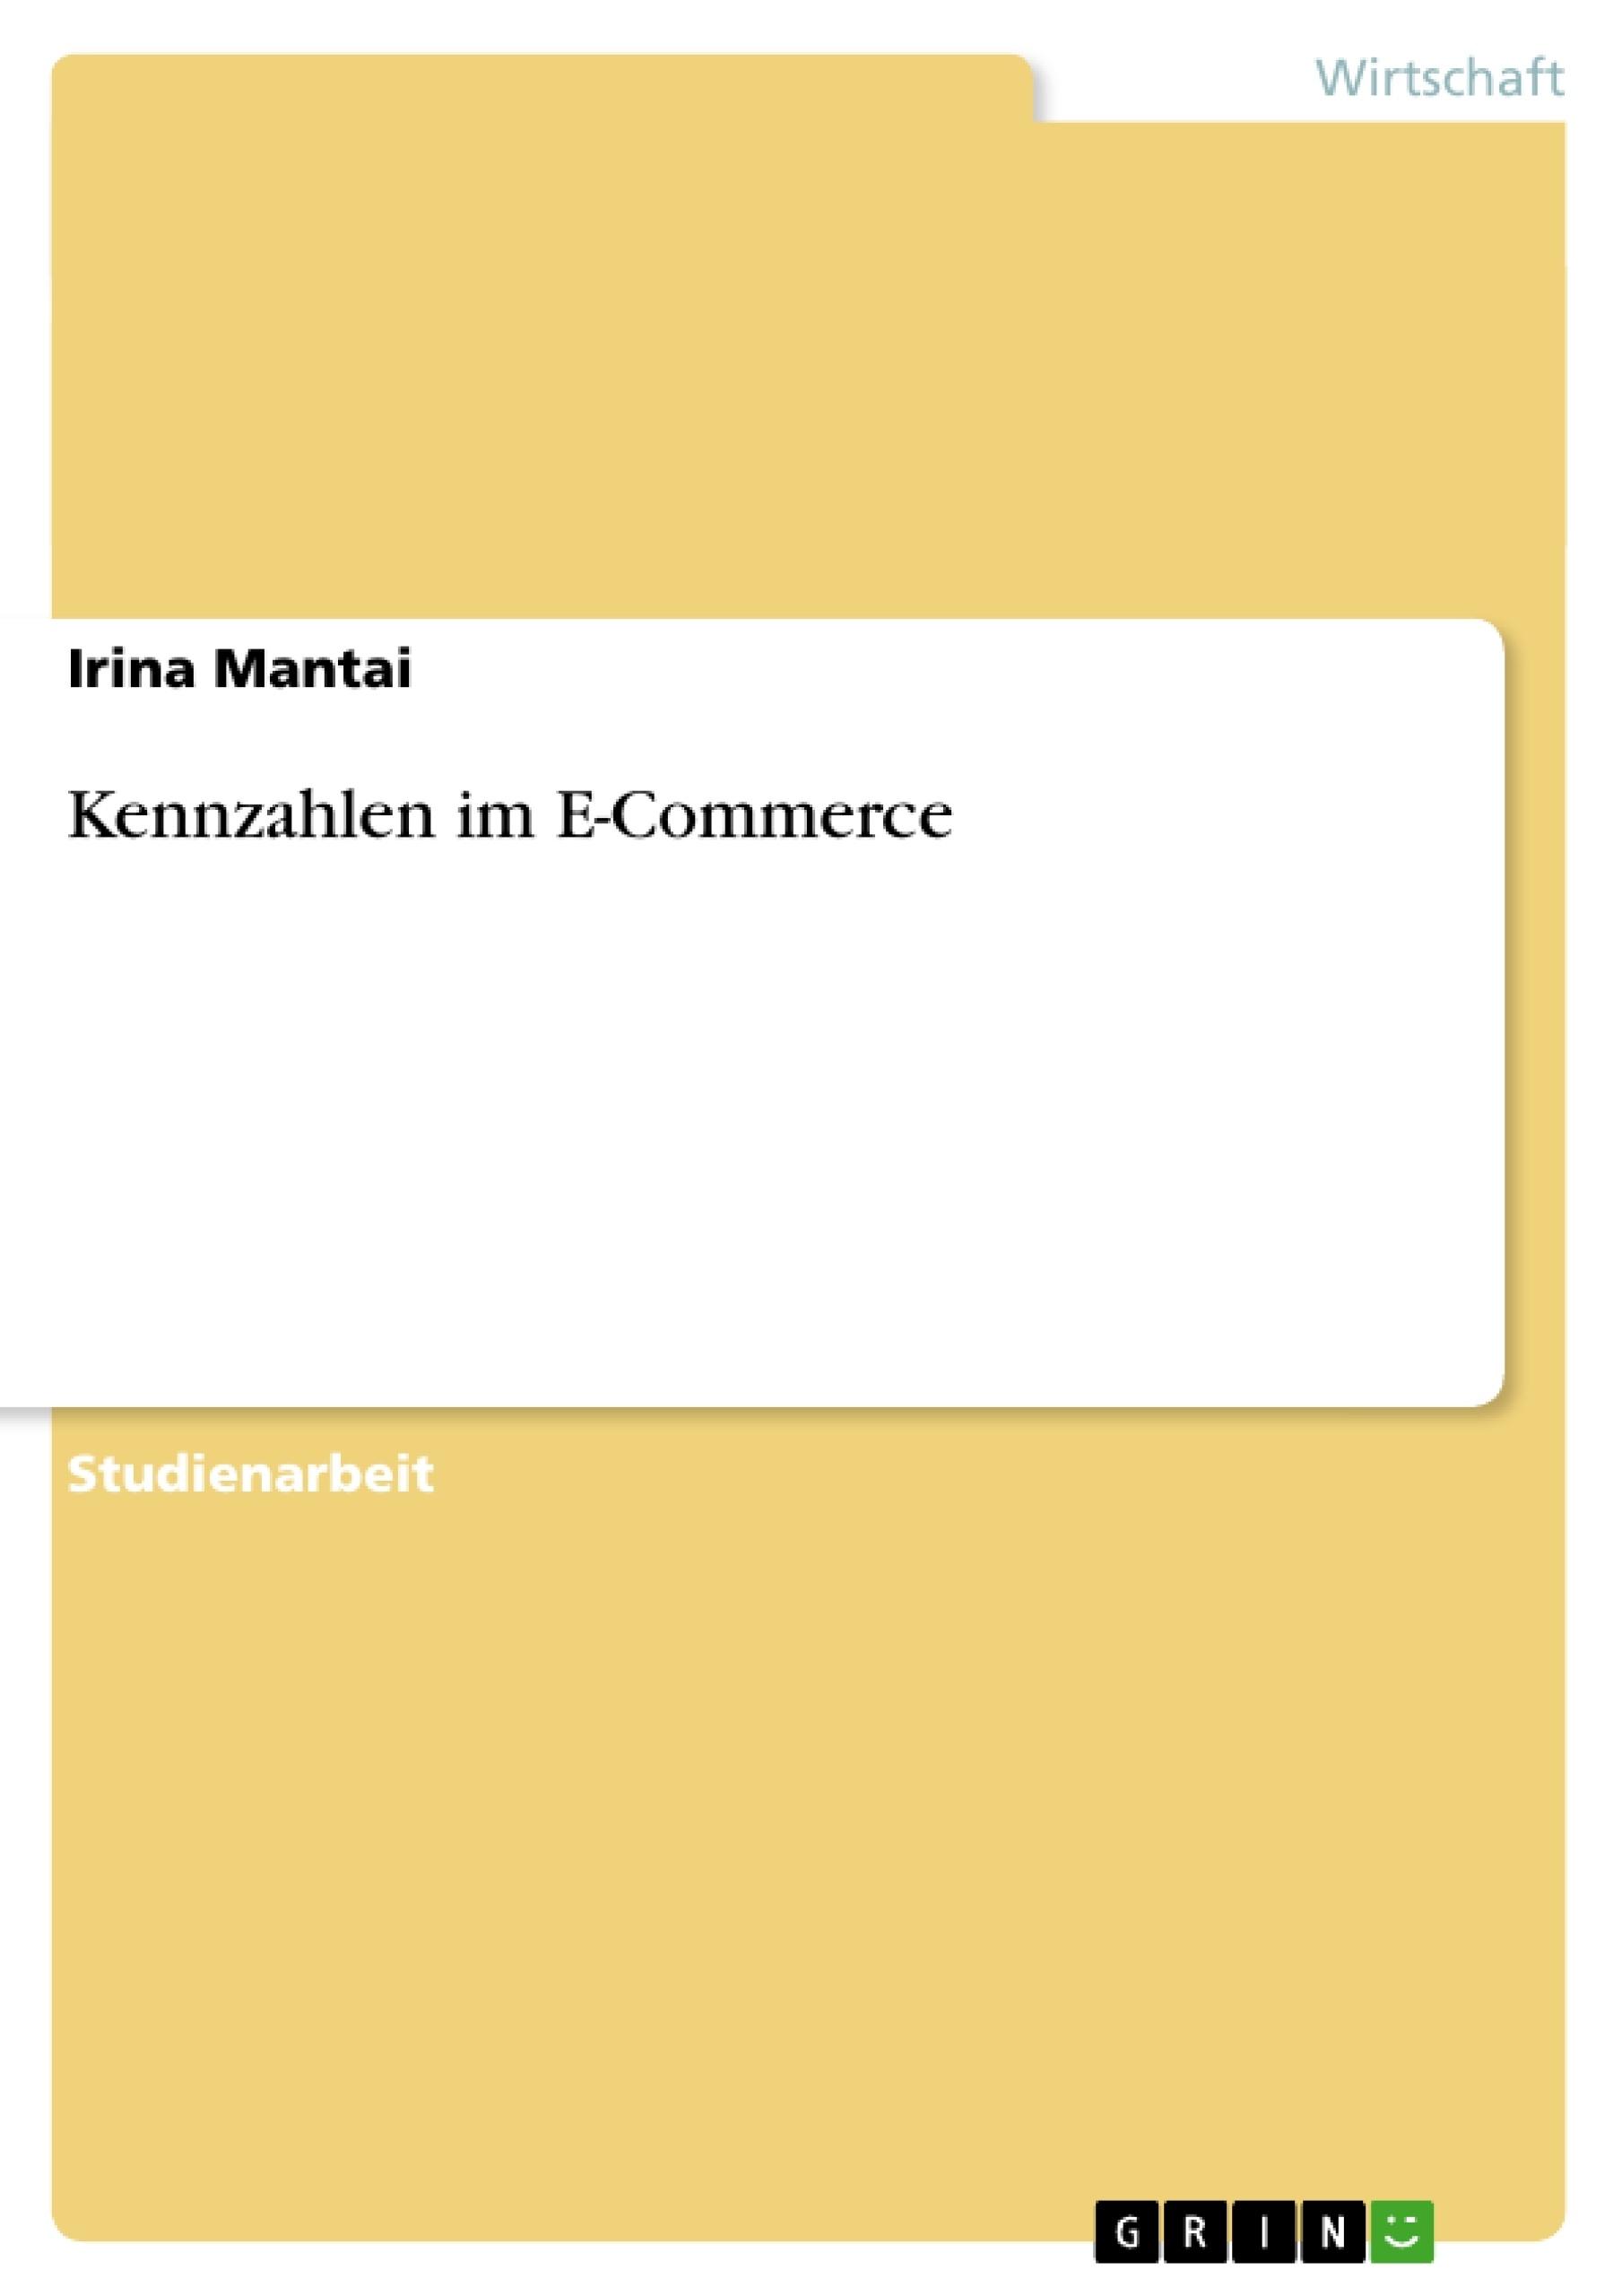 GRIN   Kennzahlen im E Commerce